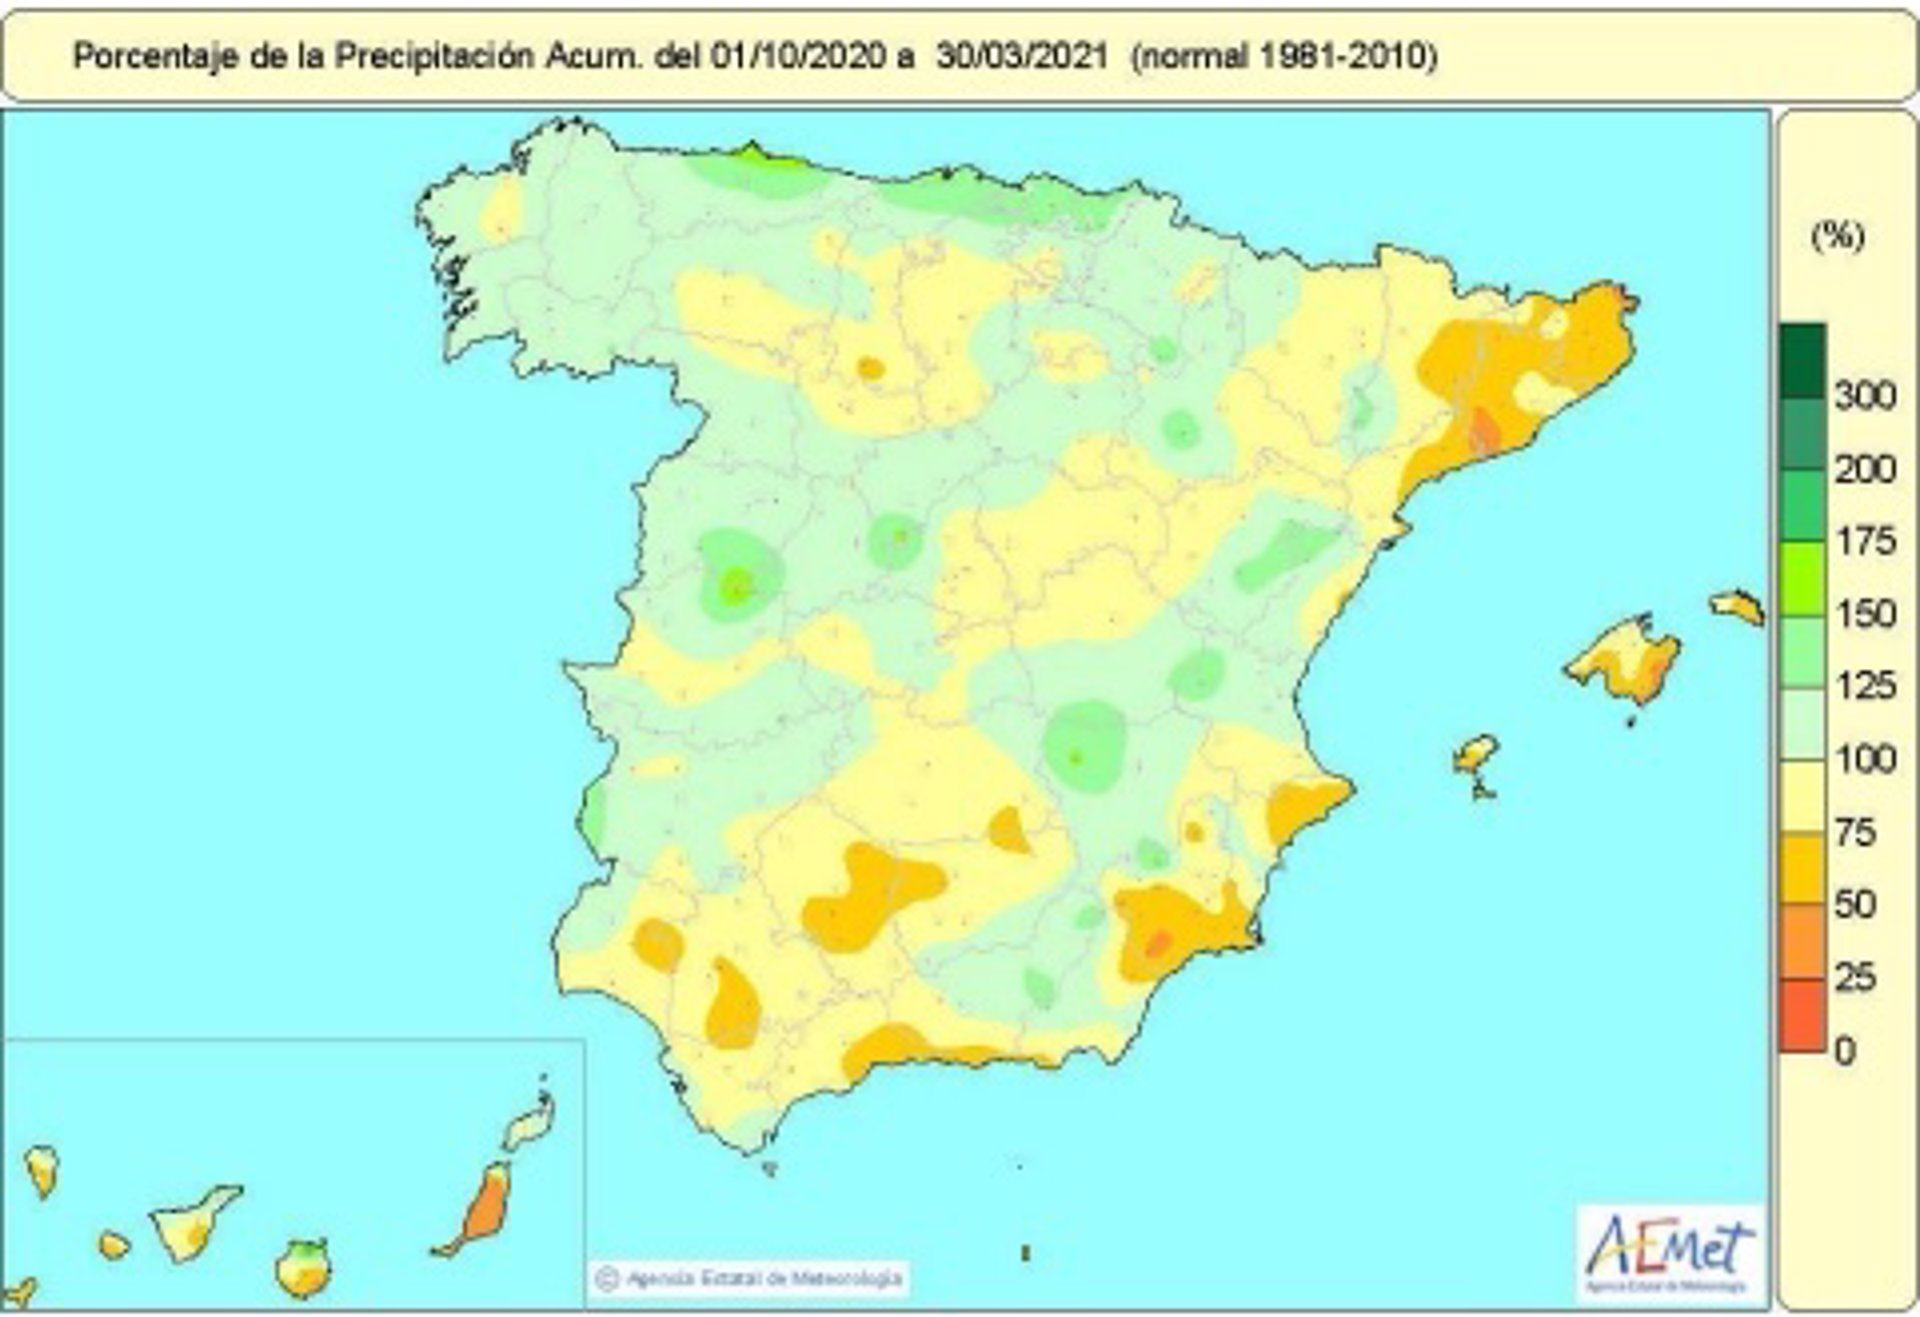 Las lluvias acumuladas en el primer semestre del año hidrológico en España se quedan un 5% por debajo de lo normal